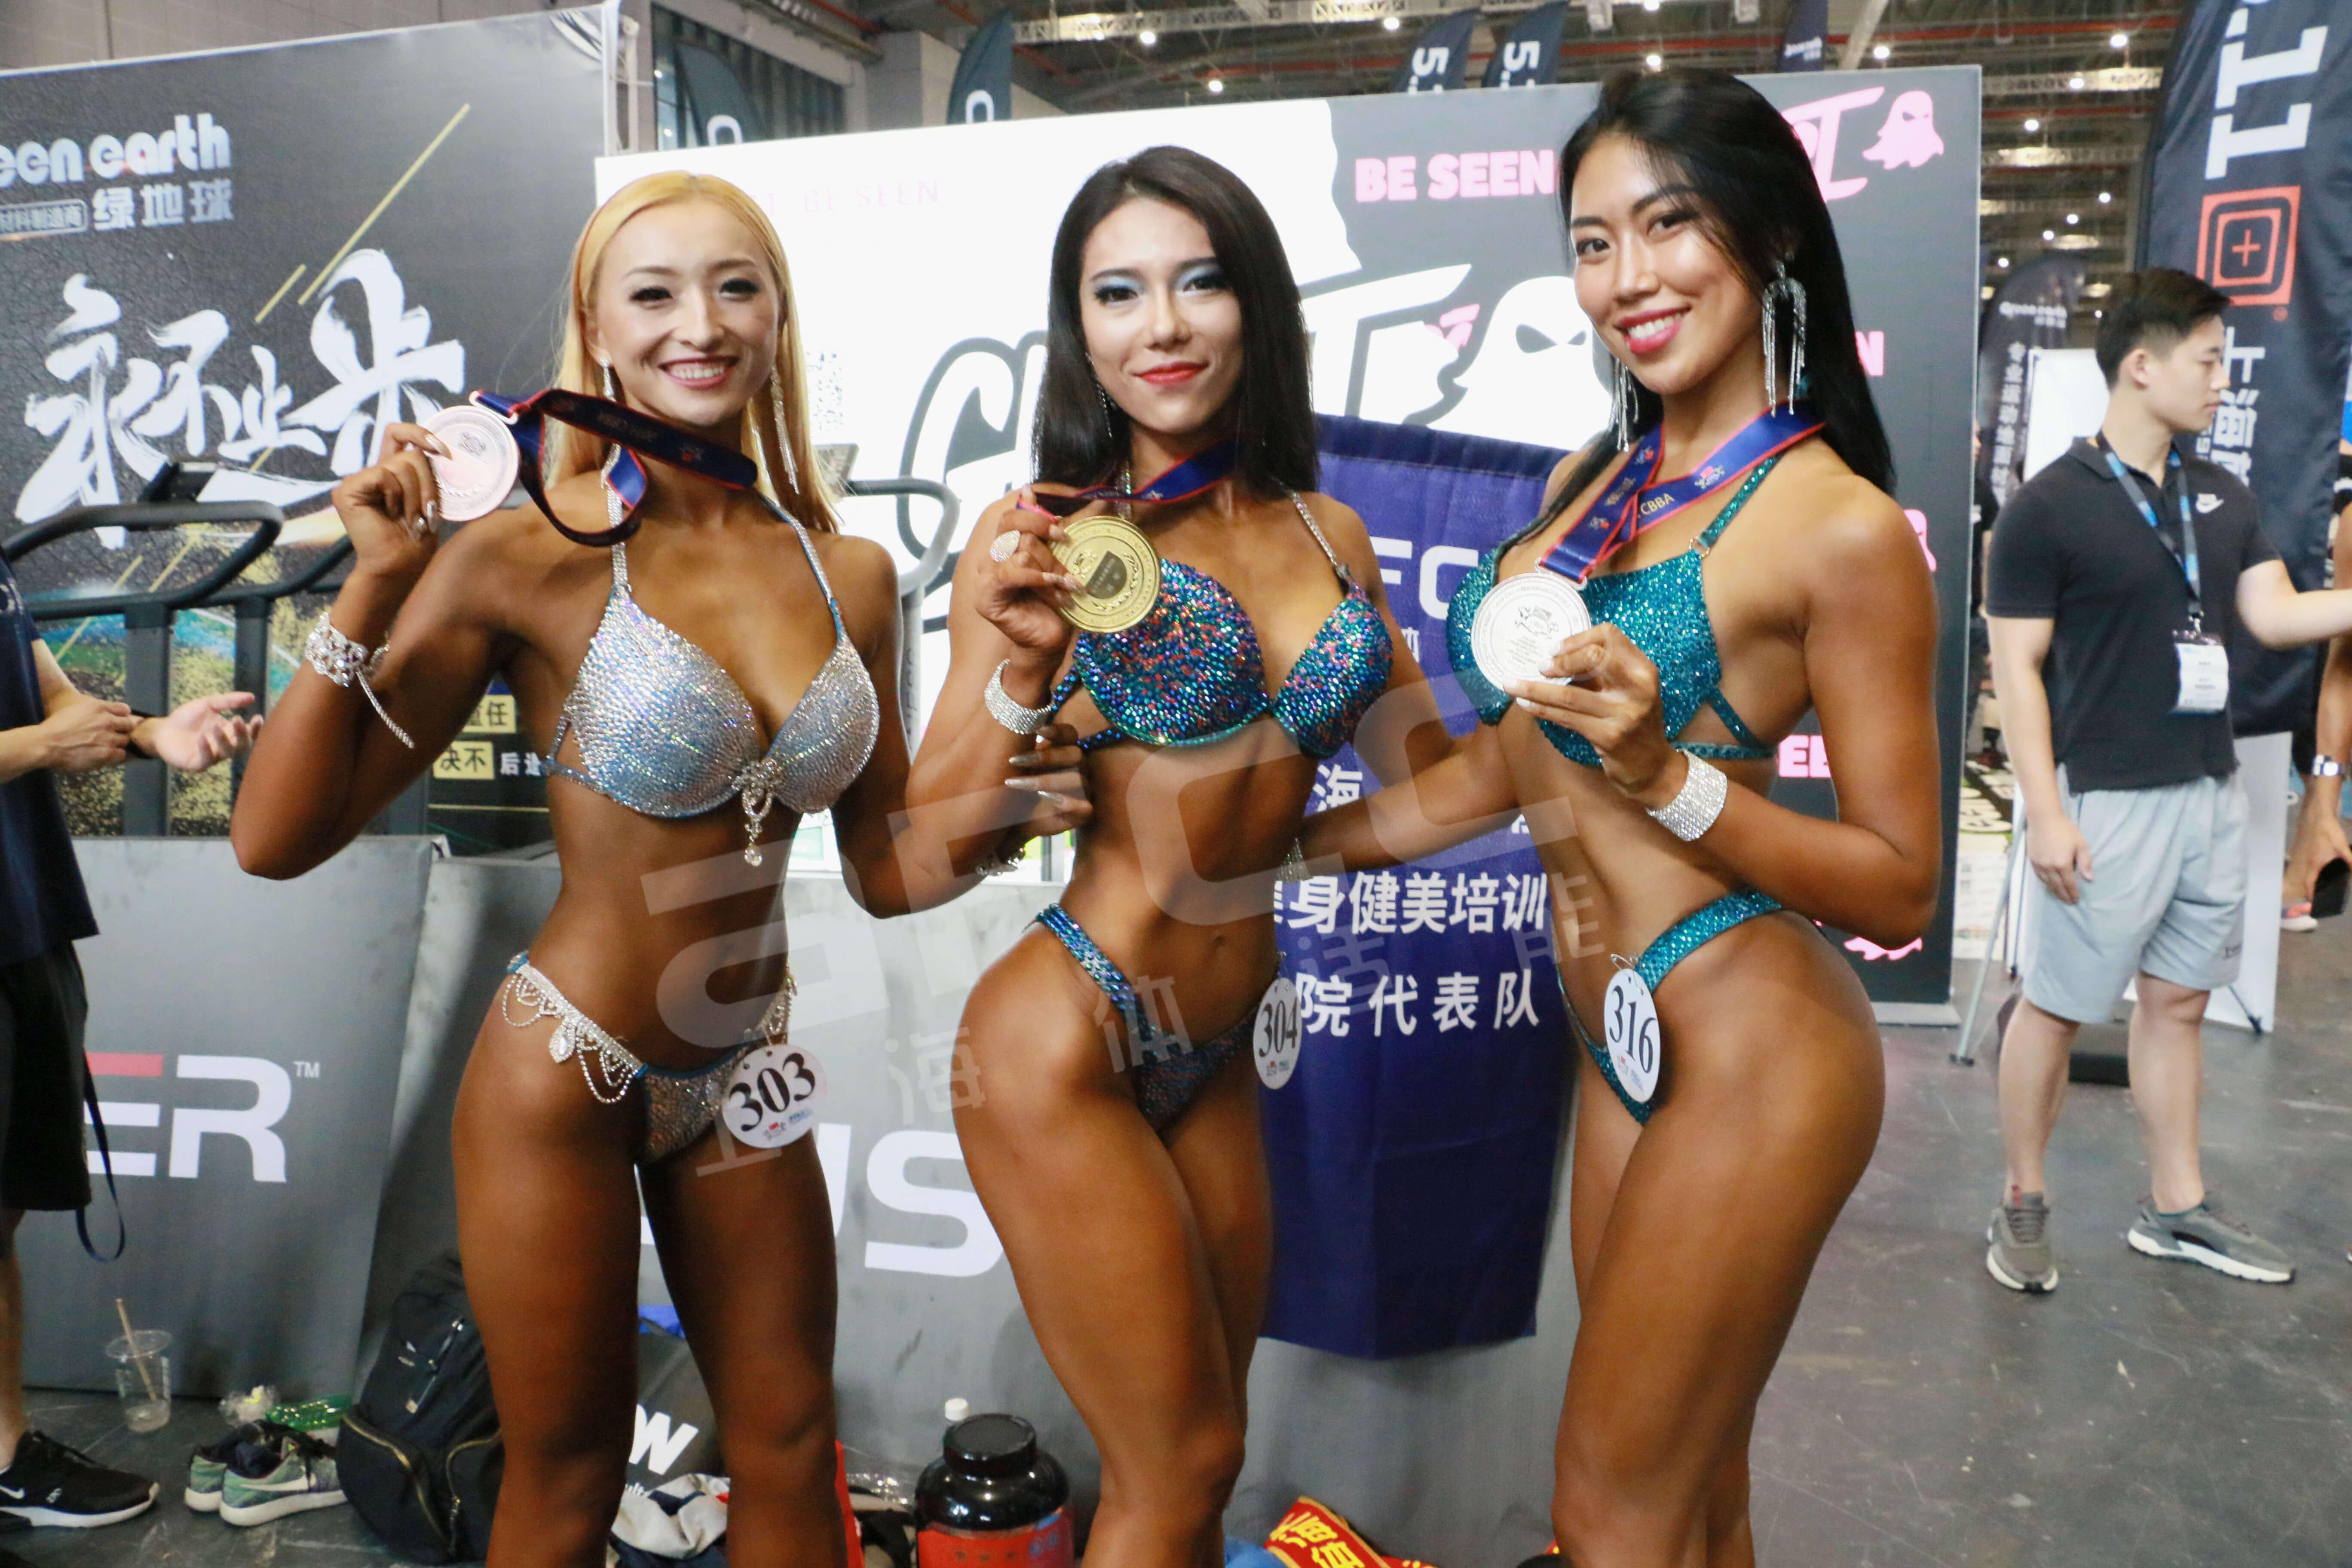 上海健身健美协会体适能健身学院代表队女子比基尼健身C组168.01以上:冠军——顾丽君(中)亚军——车欣芮(右)季军——王梦园(左)